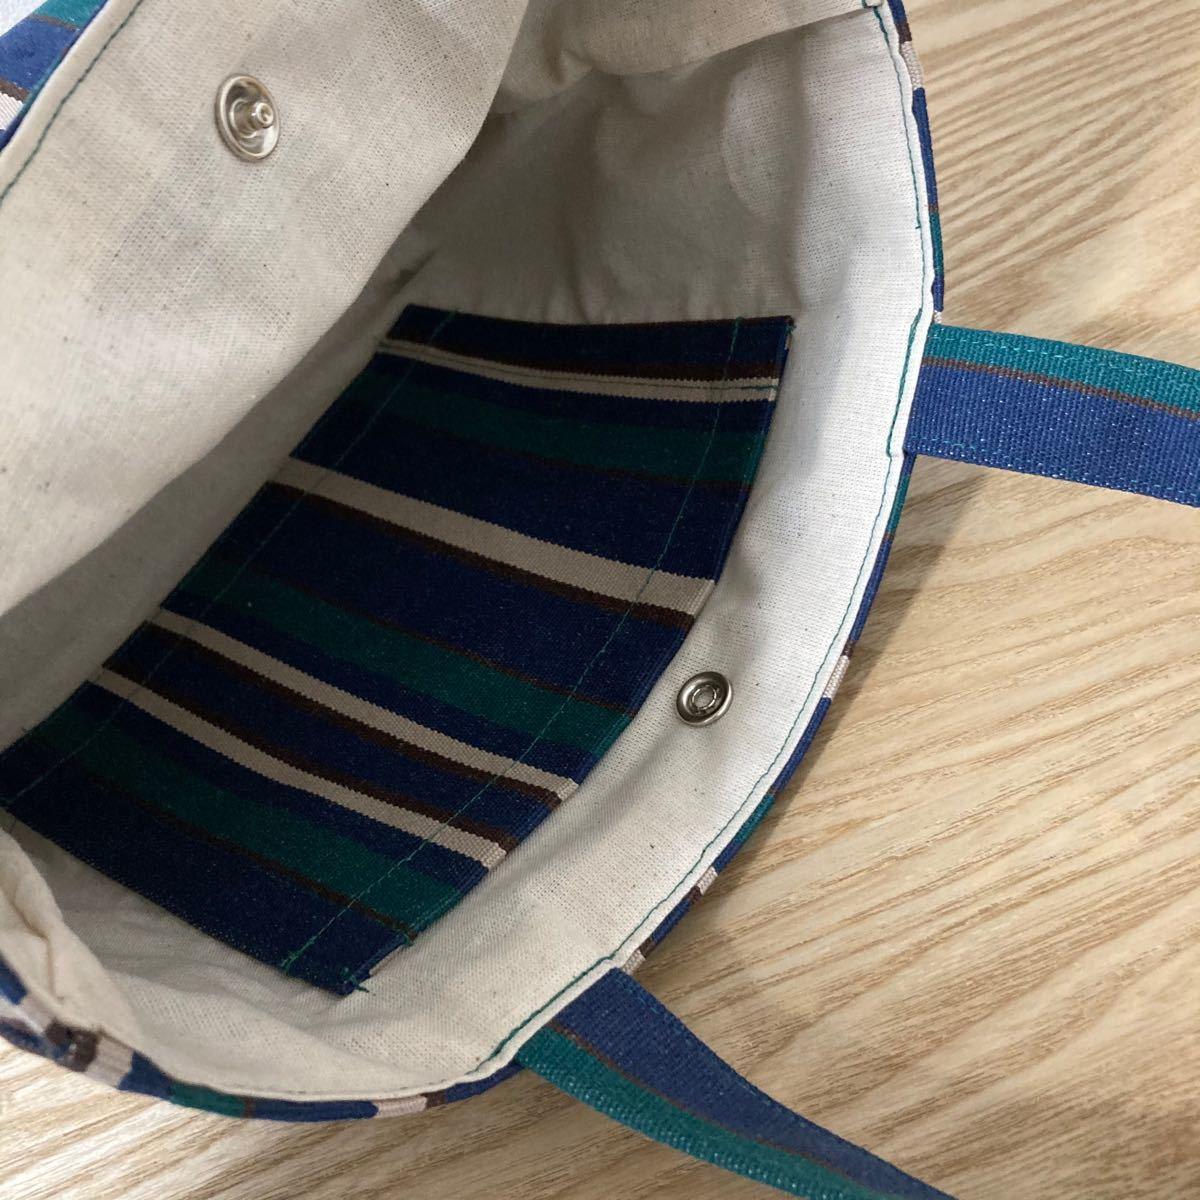 ハンドメイド 11号帆布 ミニトートバッグ  ランチバッグ ストライプ  グリーン&ブルー